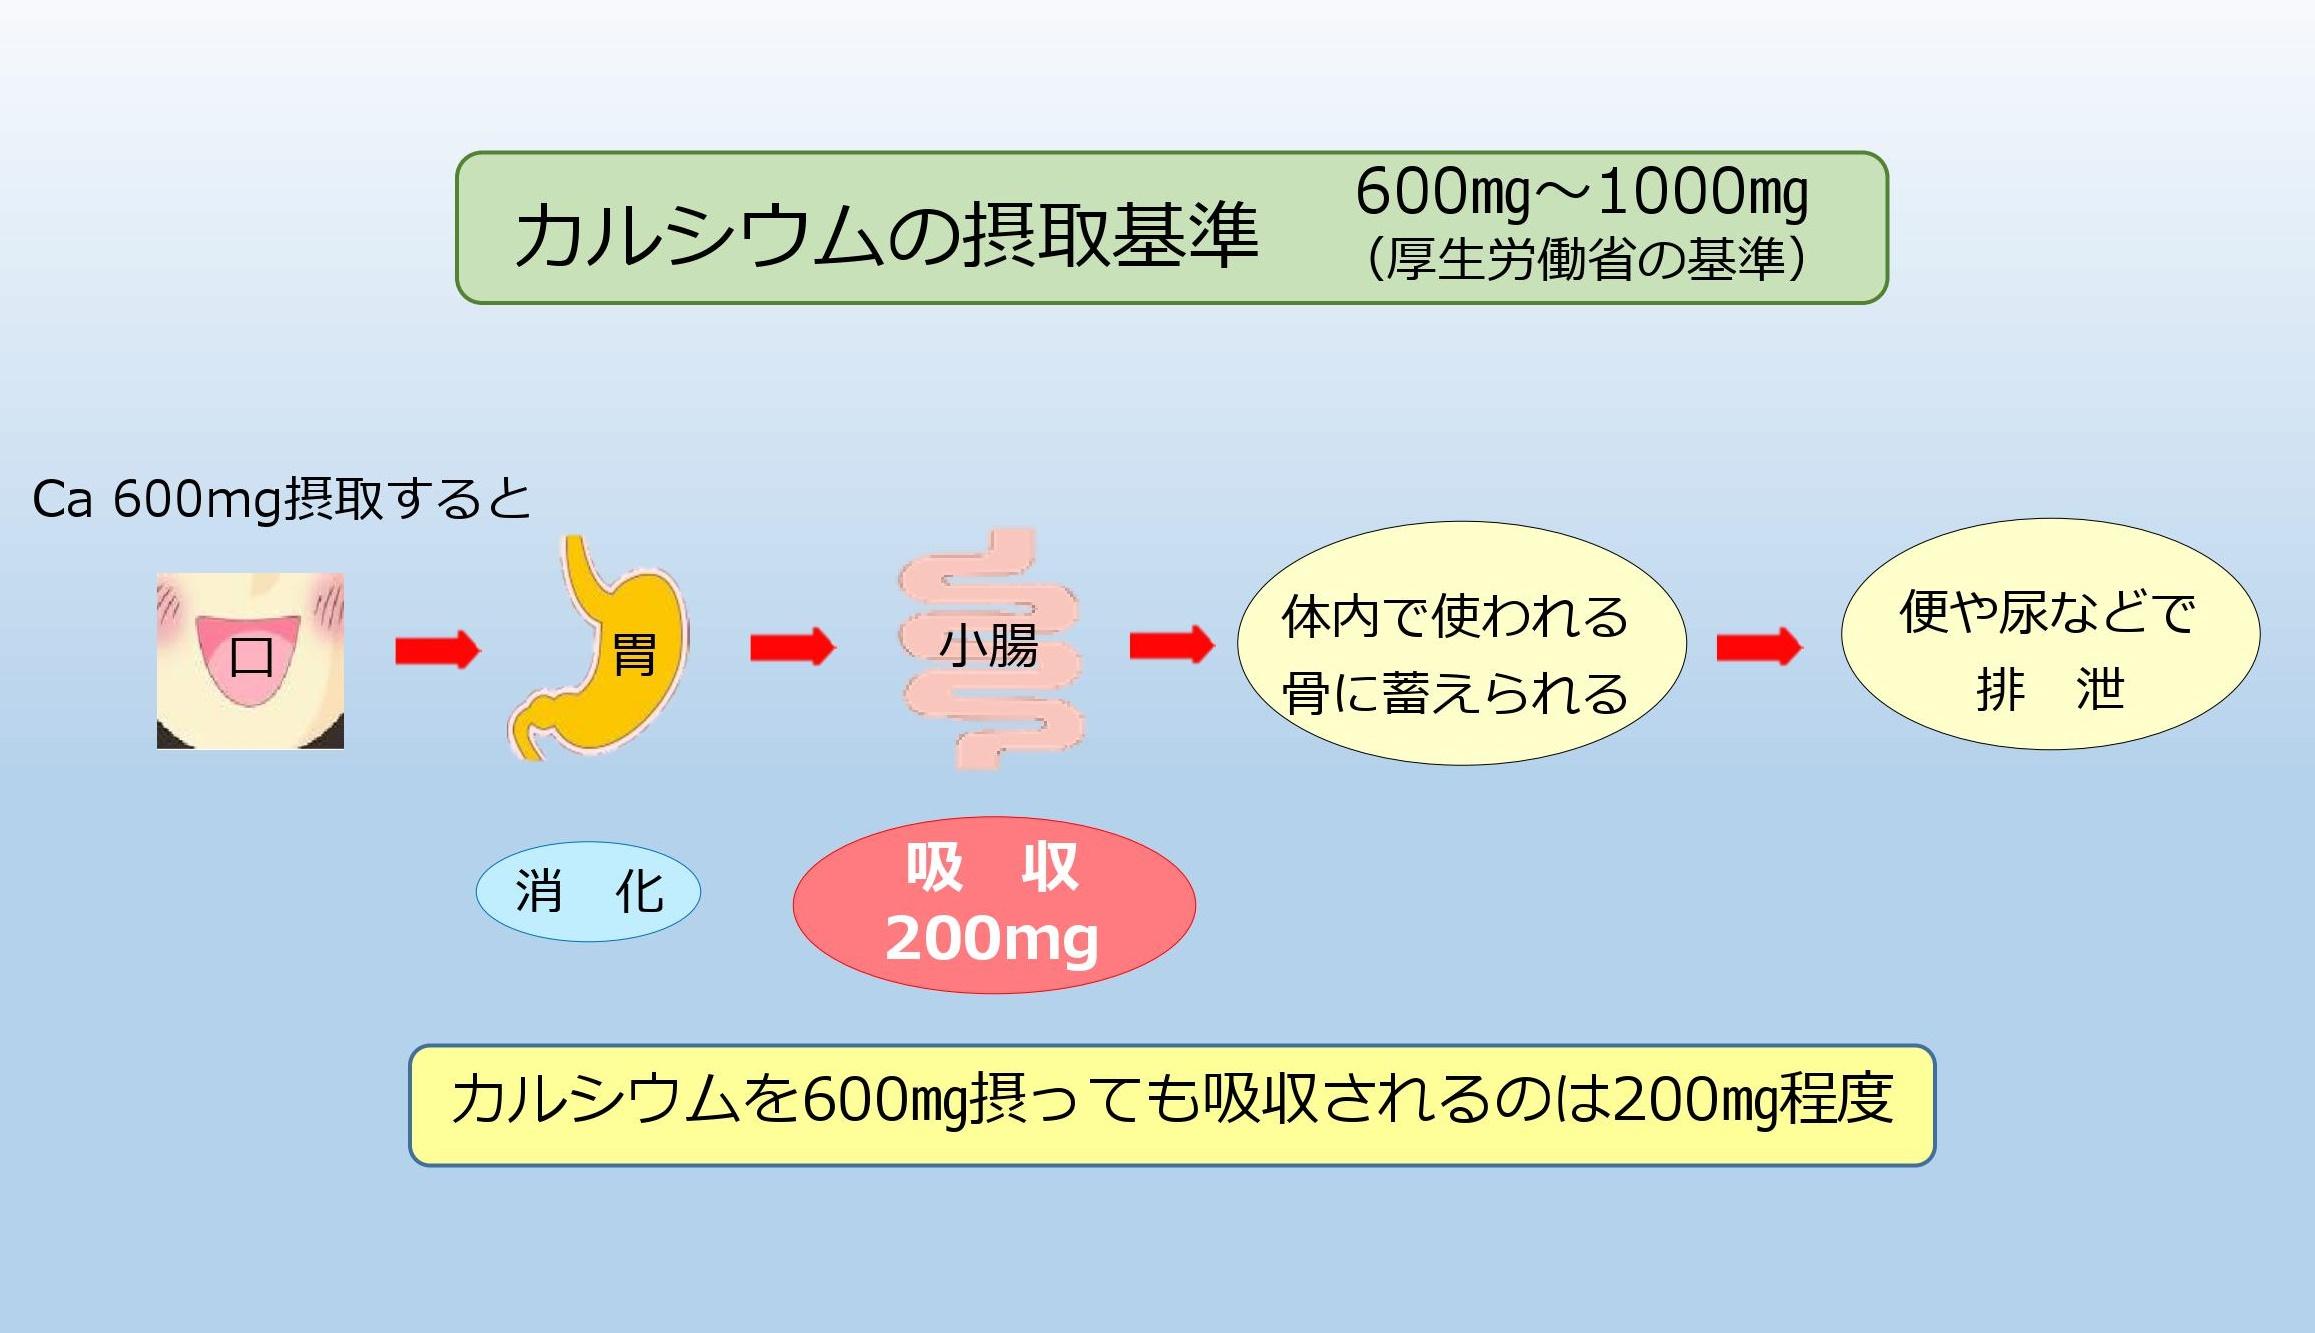 カルシウムの摂取基準 イメージ